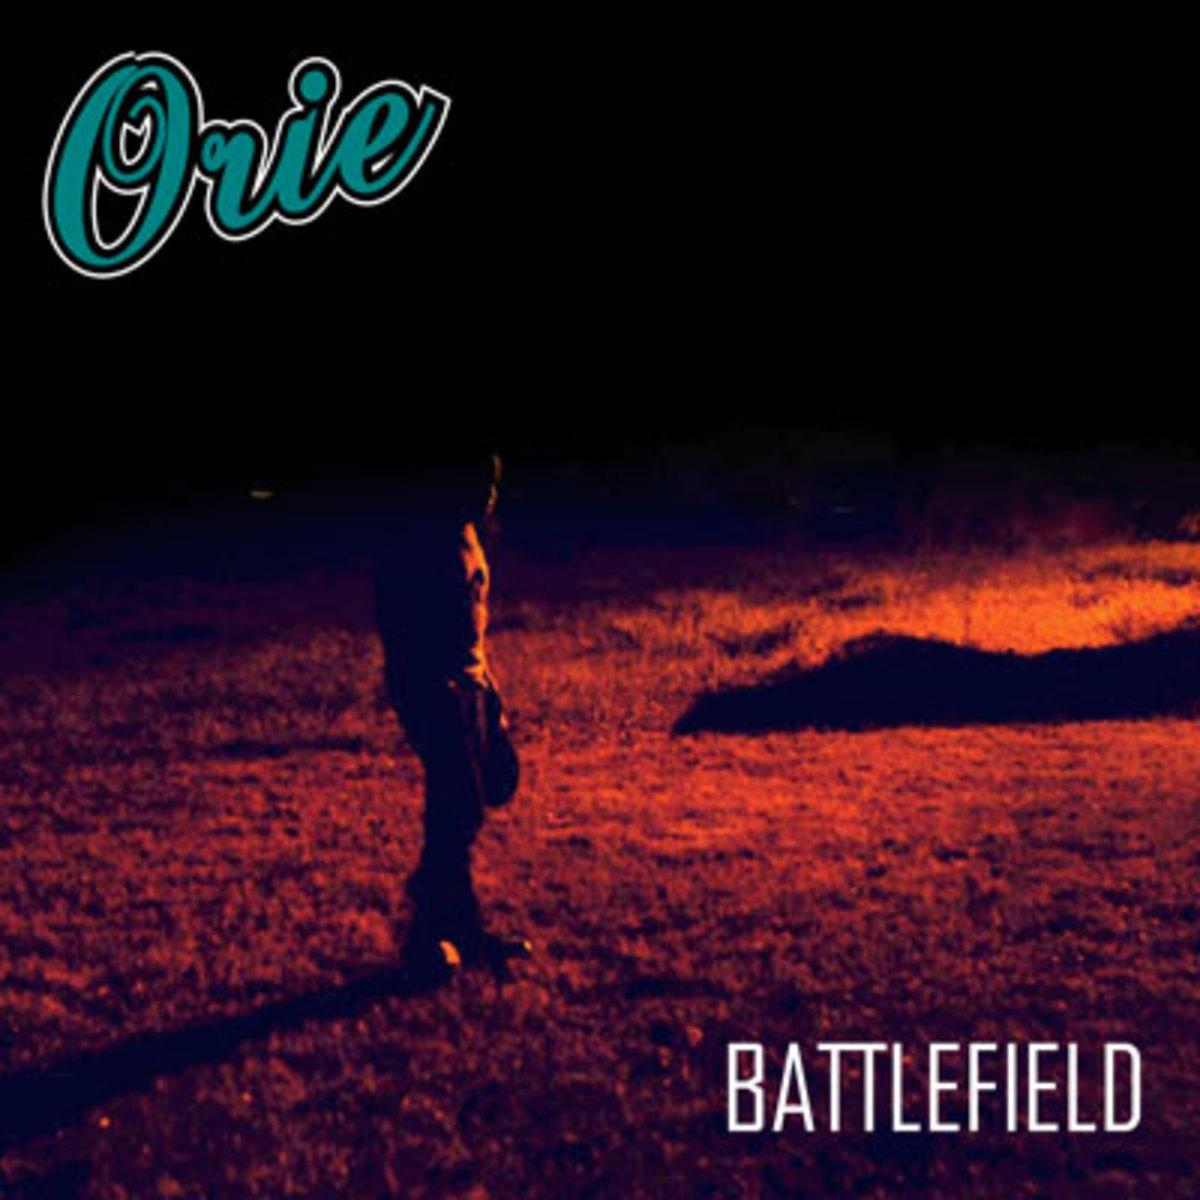 orie-battlefield.jpg